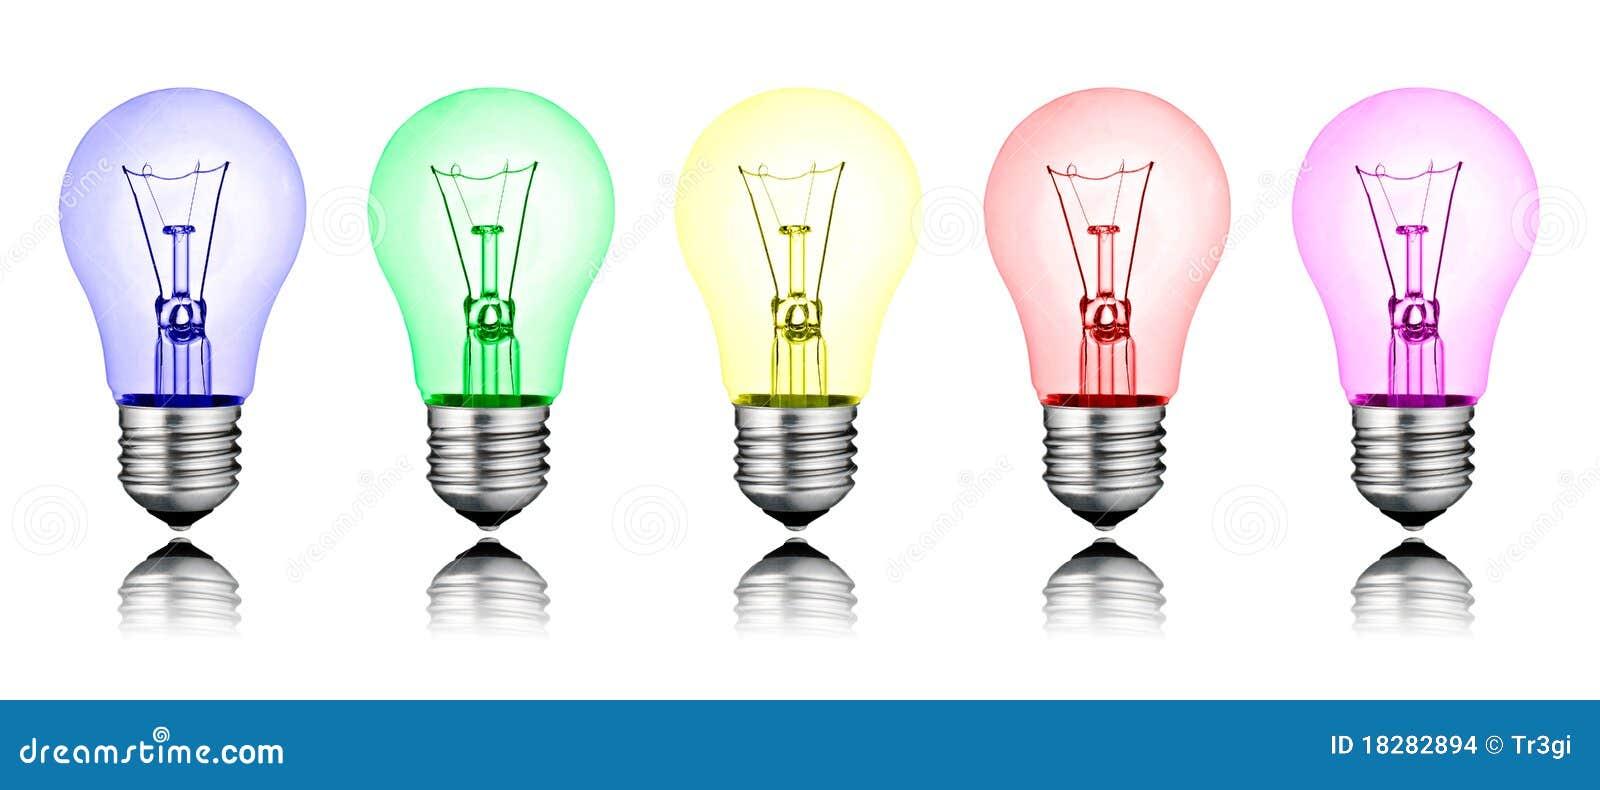 Nuove idee differenti riga delle lampadine colorate for Vendita lampadine